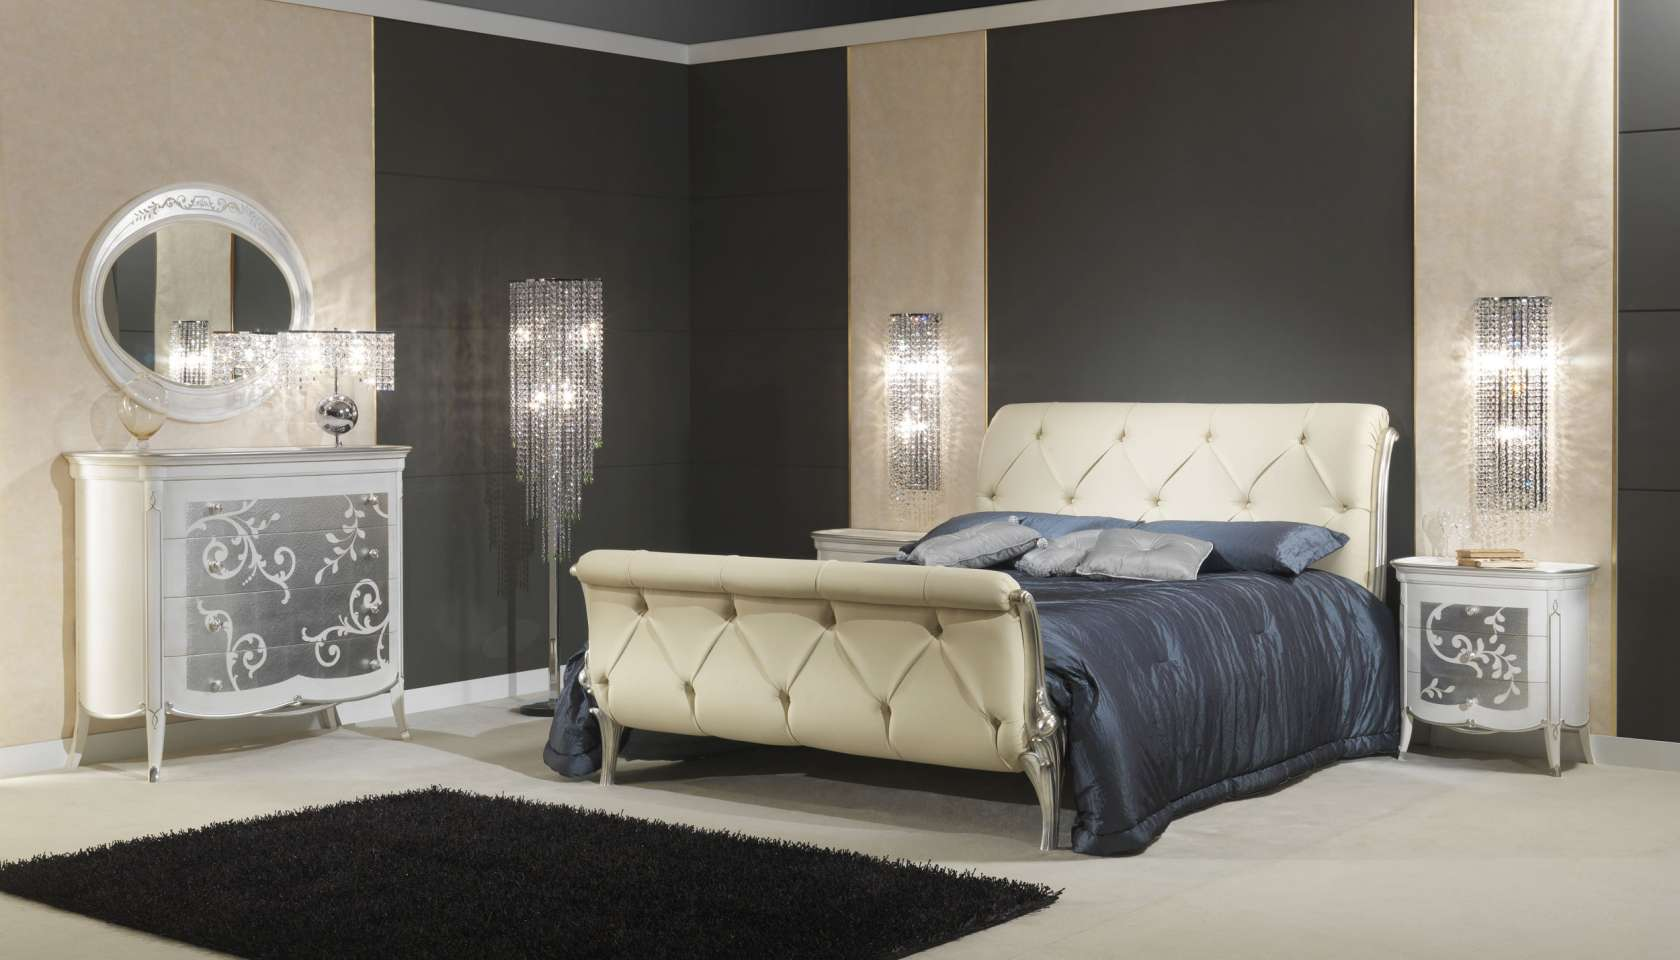 Camera da letto in stile art dec arredo classico di lusso for Camere da letto deco